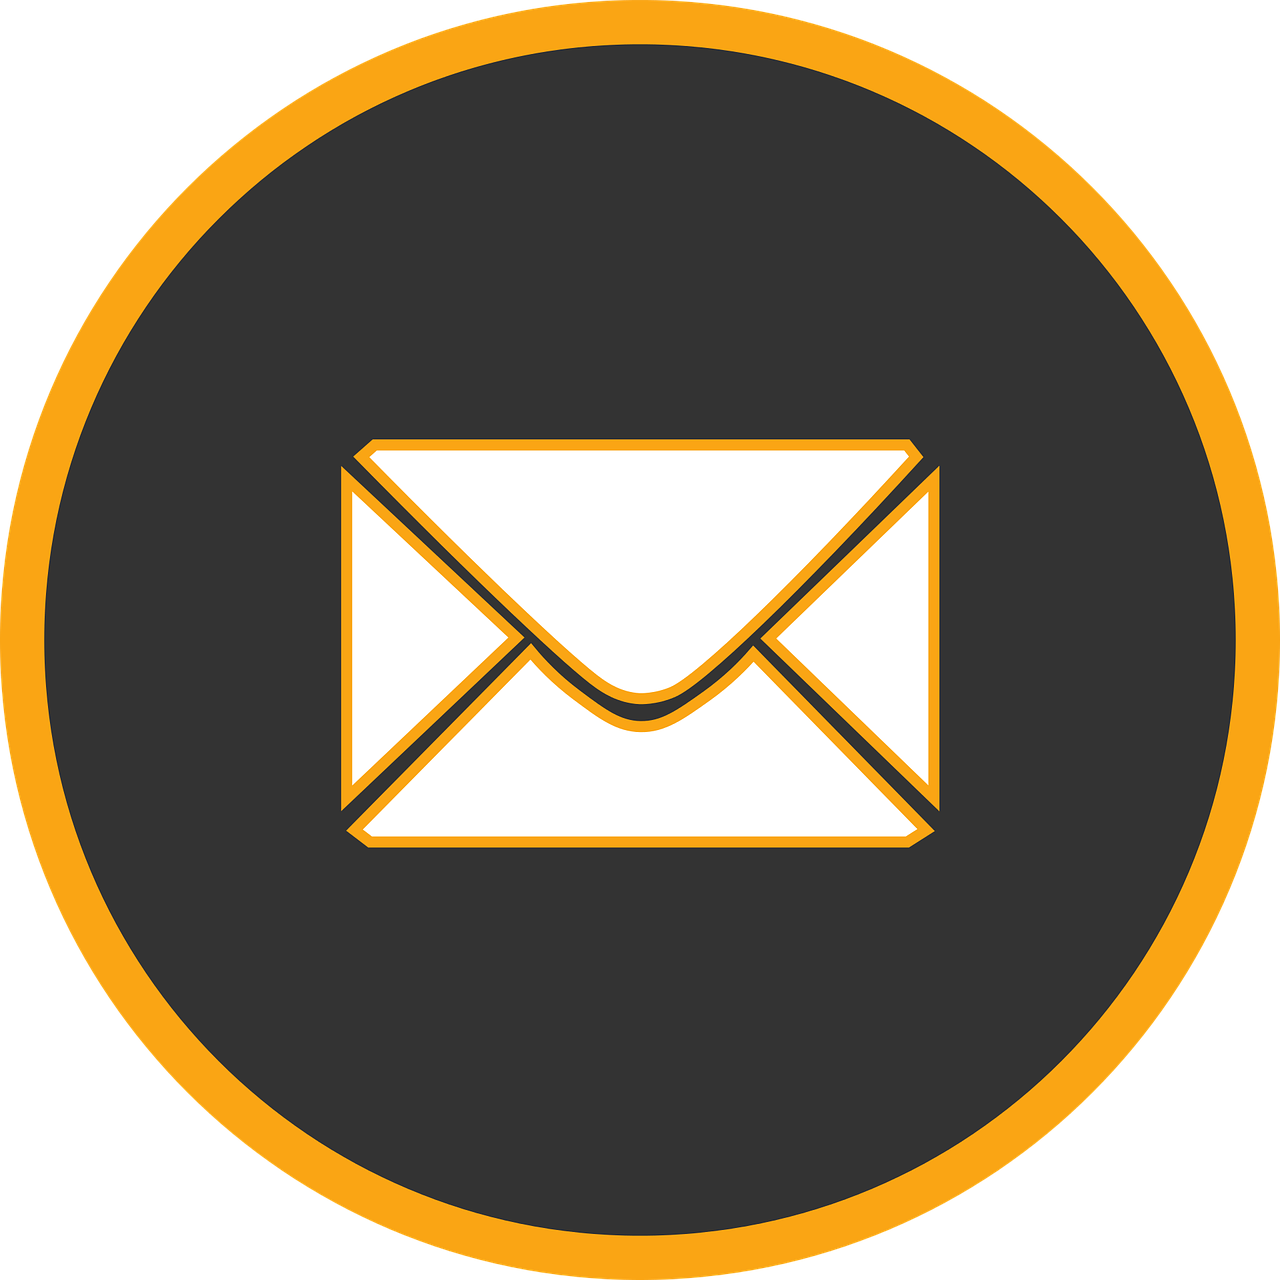 「メールが長くて分かりにくい」を改善するには?